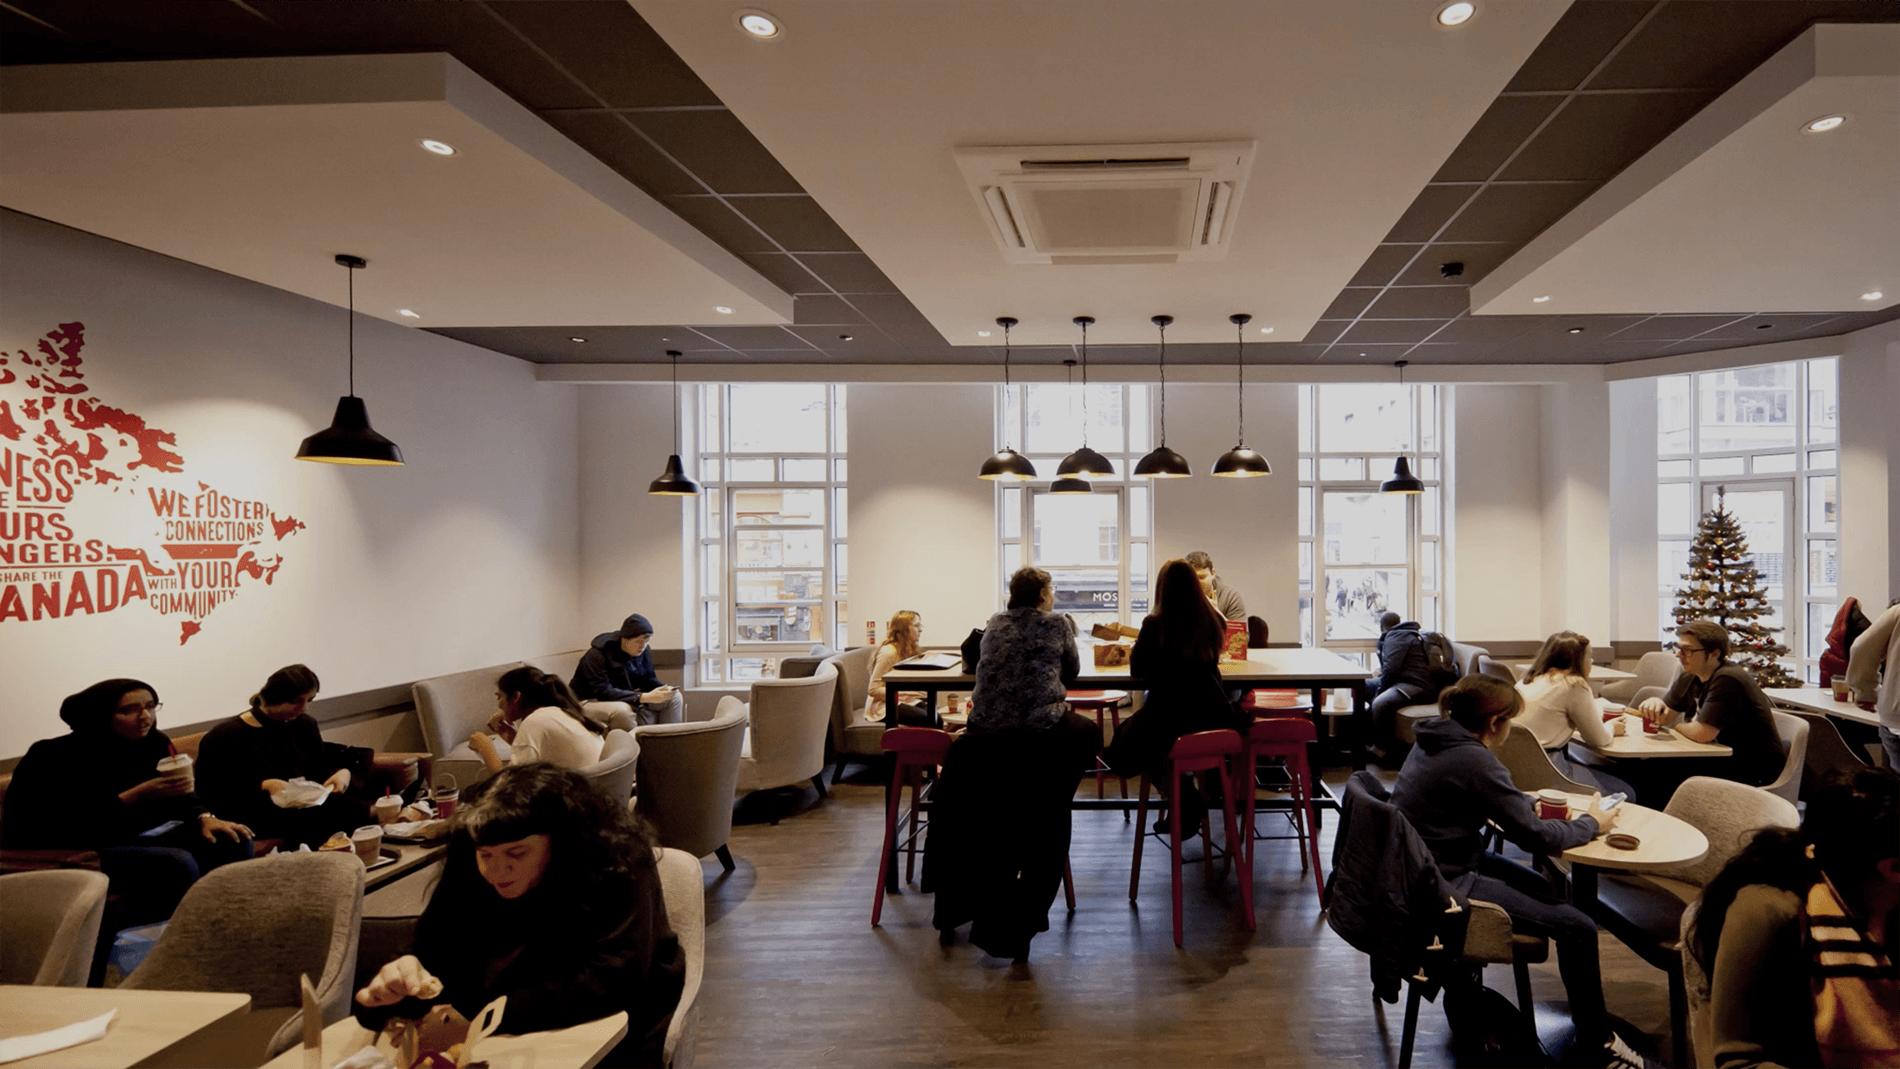 Food and beverage restaurant interior header still